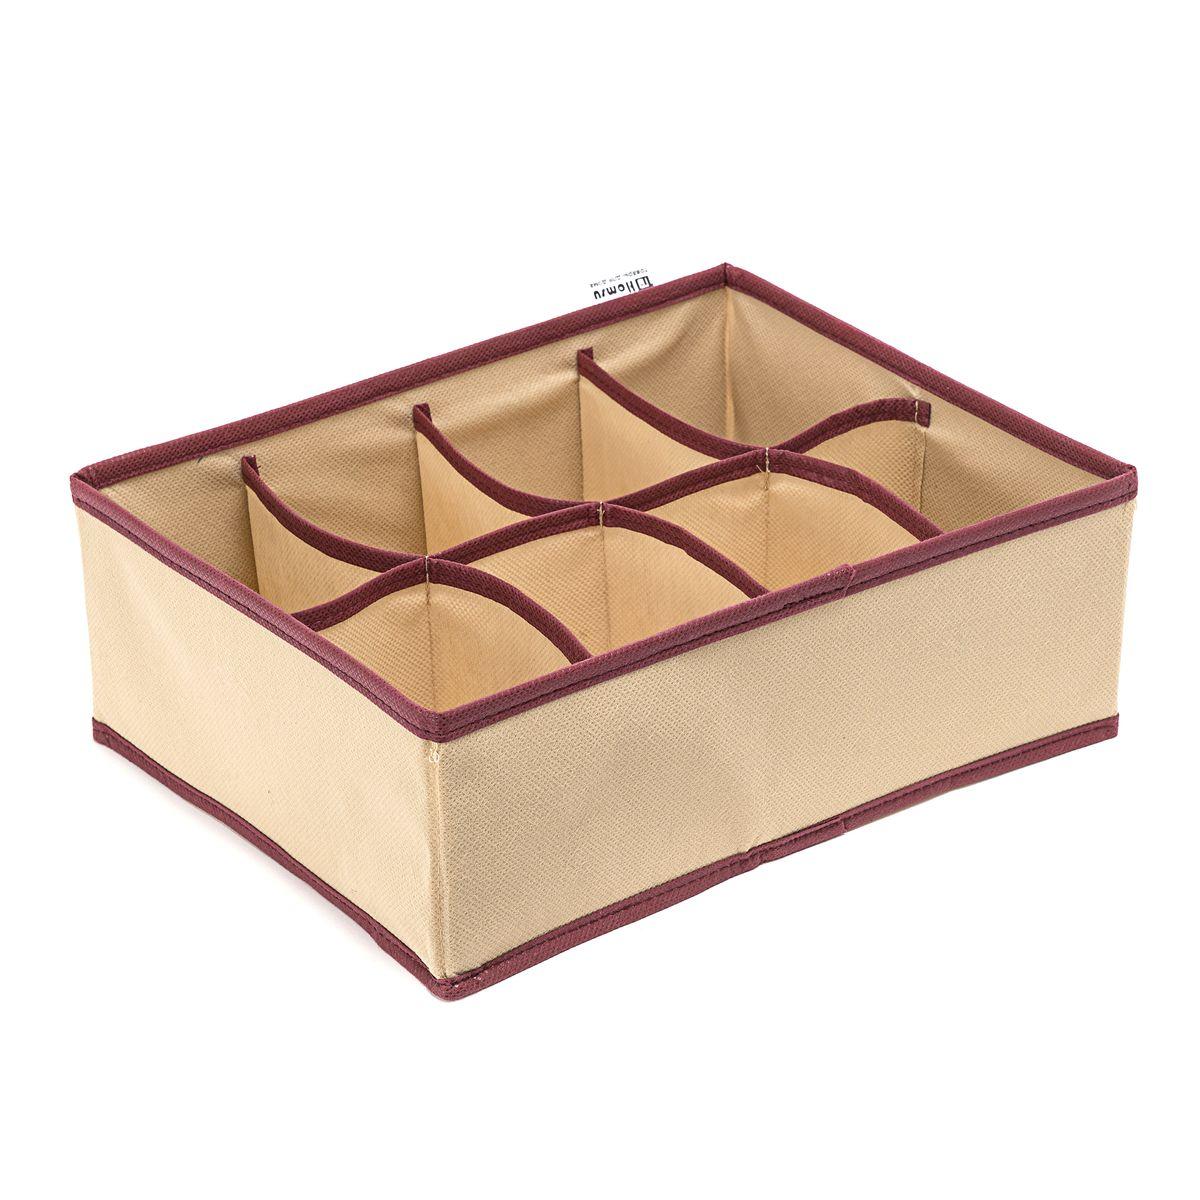 Органайзер Homsu Comfort, цвет: бежевый, 31 x 24 x 11 см. HOM-678 органайзер для хранения вещей homsu rosso 6 ячеек 35 x 35 x 10 см